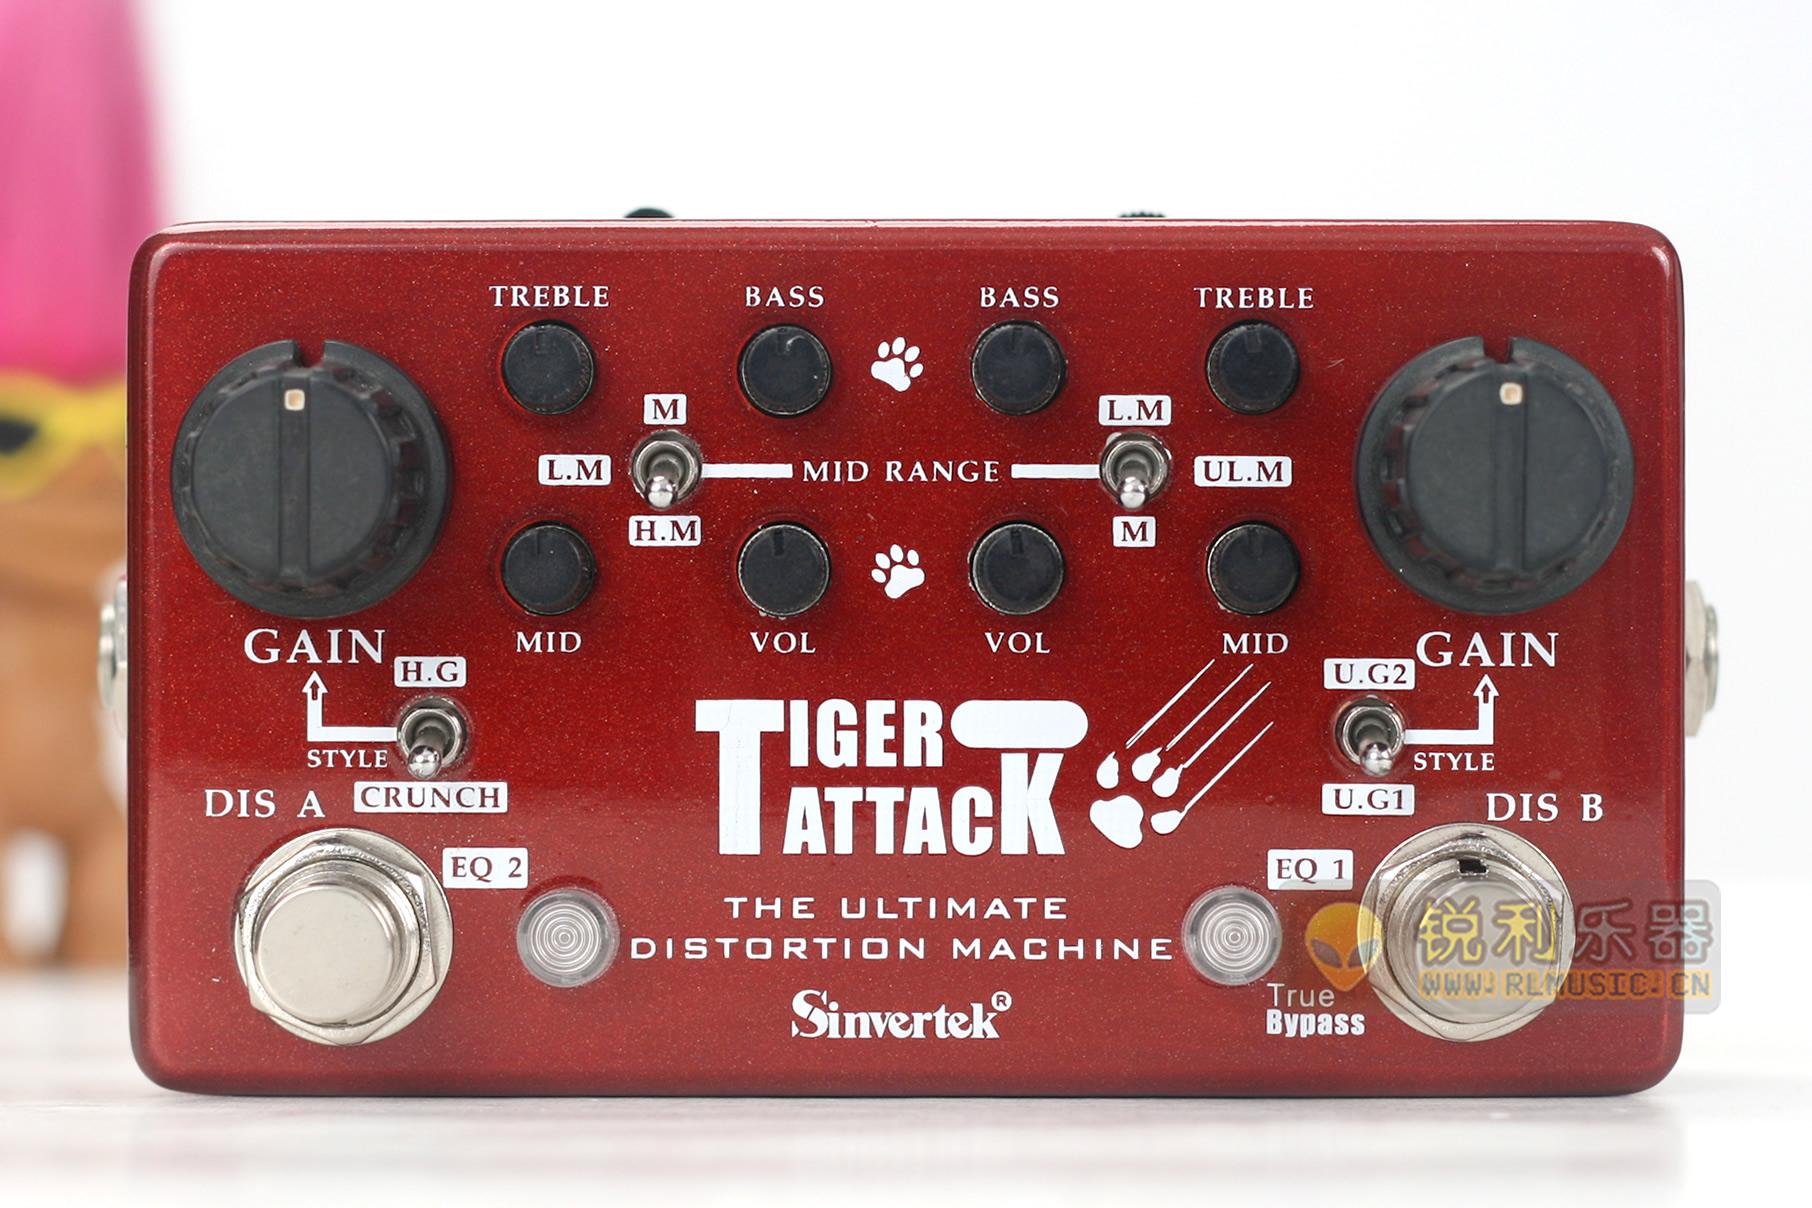 【Sinvertek Tiger Attack】仙音维克终极失真效果器【锐利乐器】